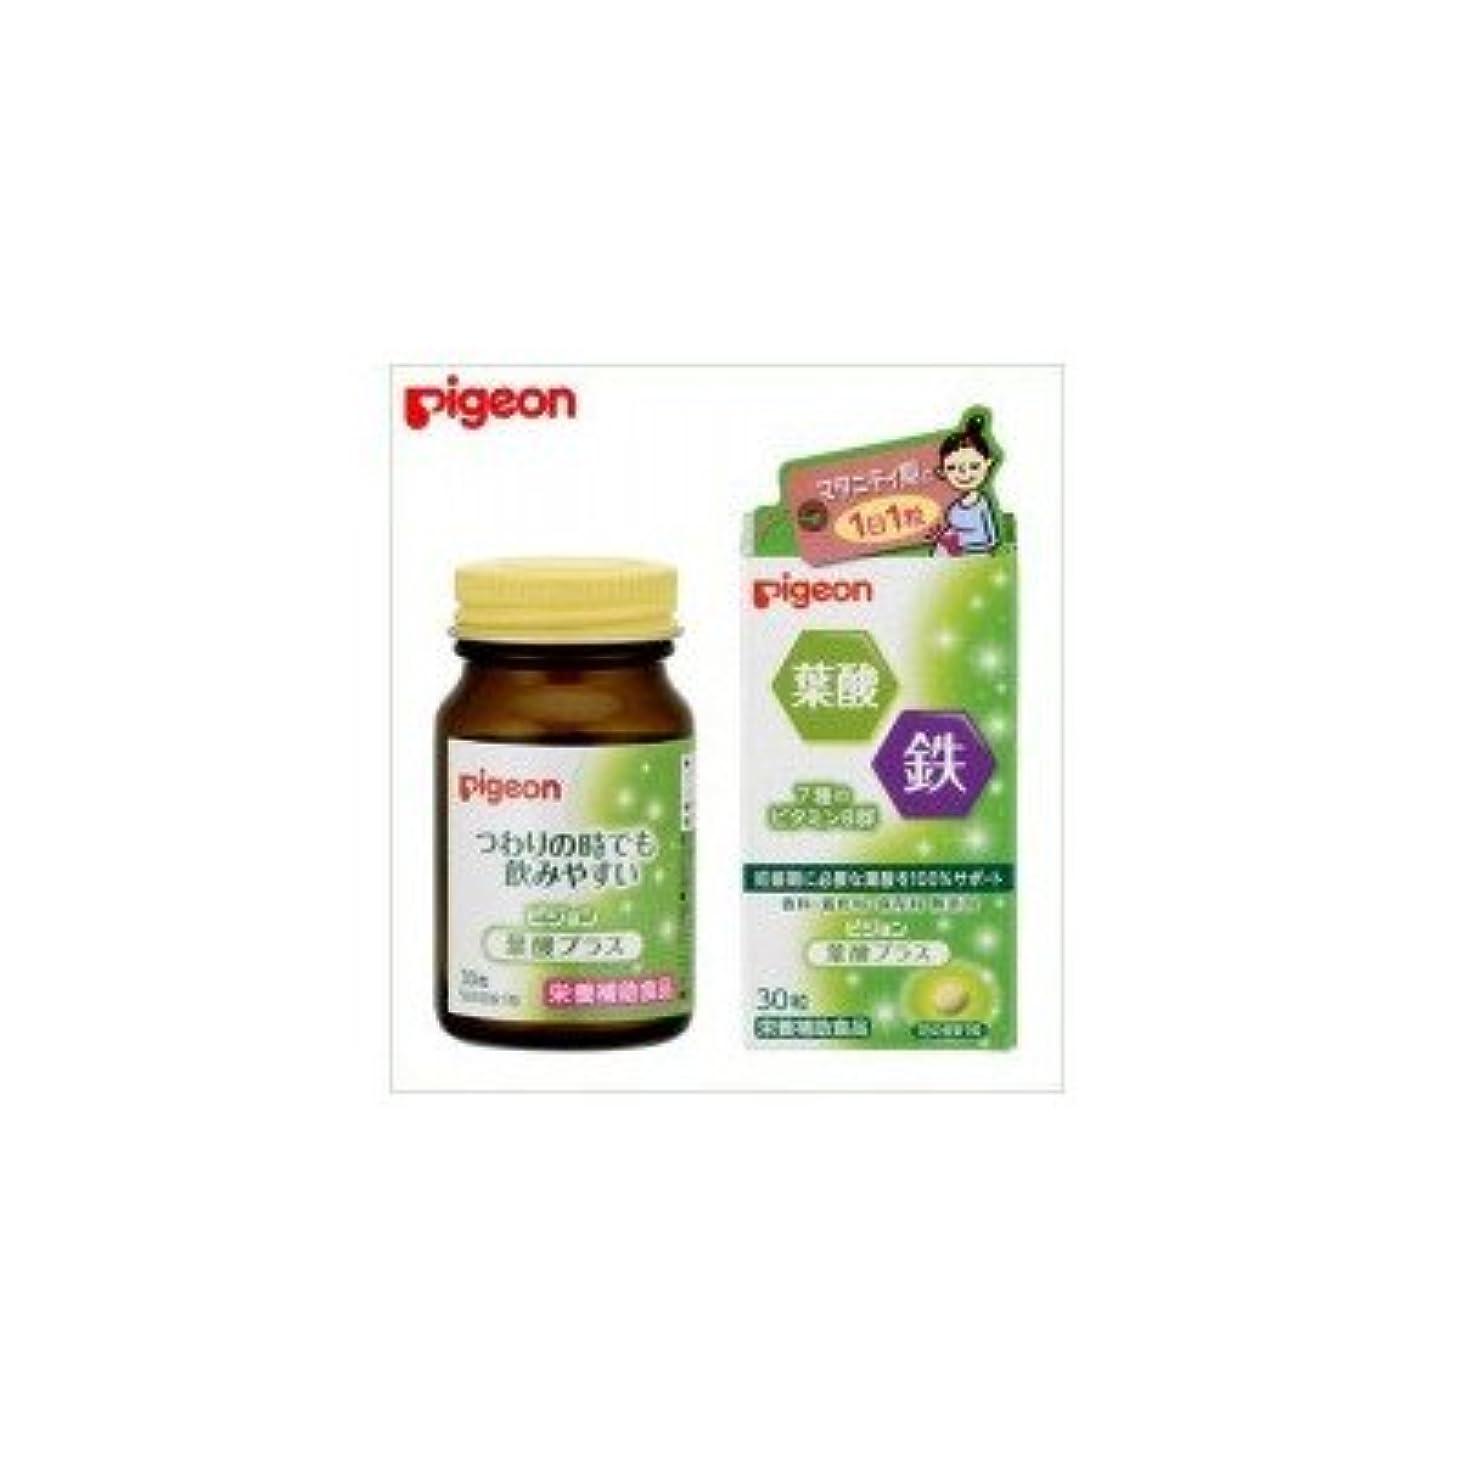 夫婦剥離母Pigeon(ピジョン) サプリメント 栄養補助食品 葉酸プラス 30粒(錠剤) 20390